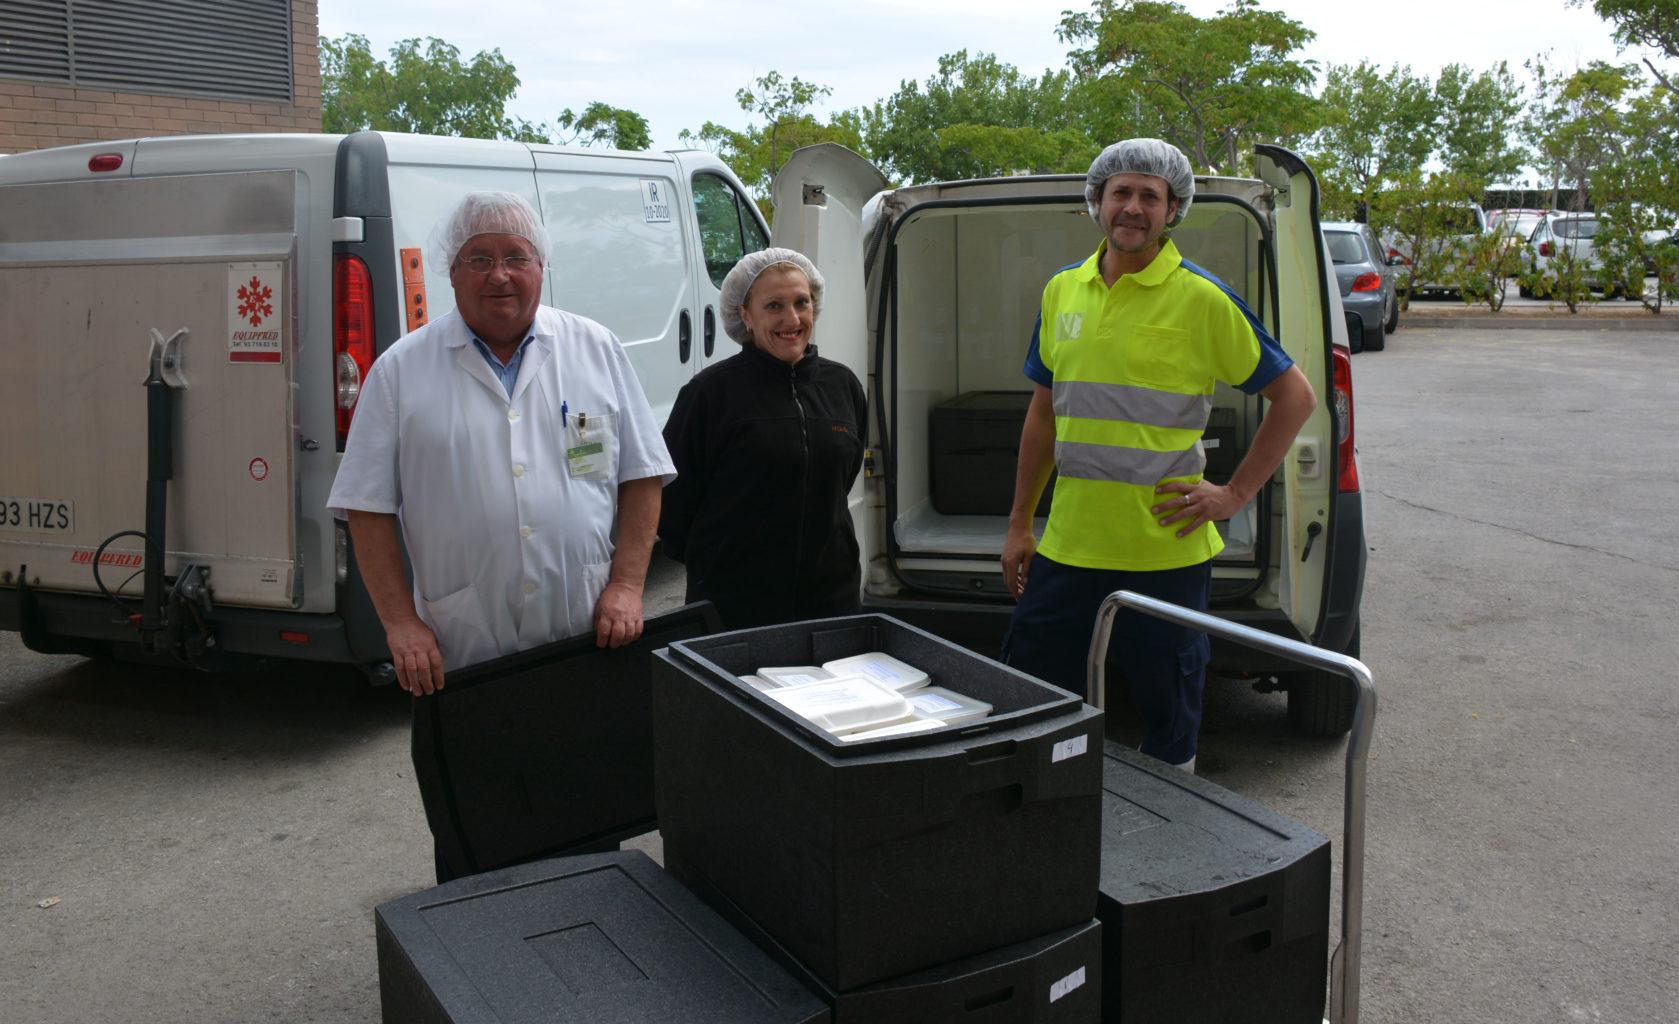 Pont Alimentari i l'Hospital Germans Trias inicien un projecte de donació d'excedents alimentaris